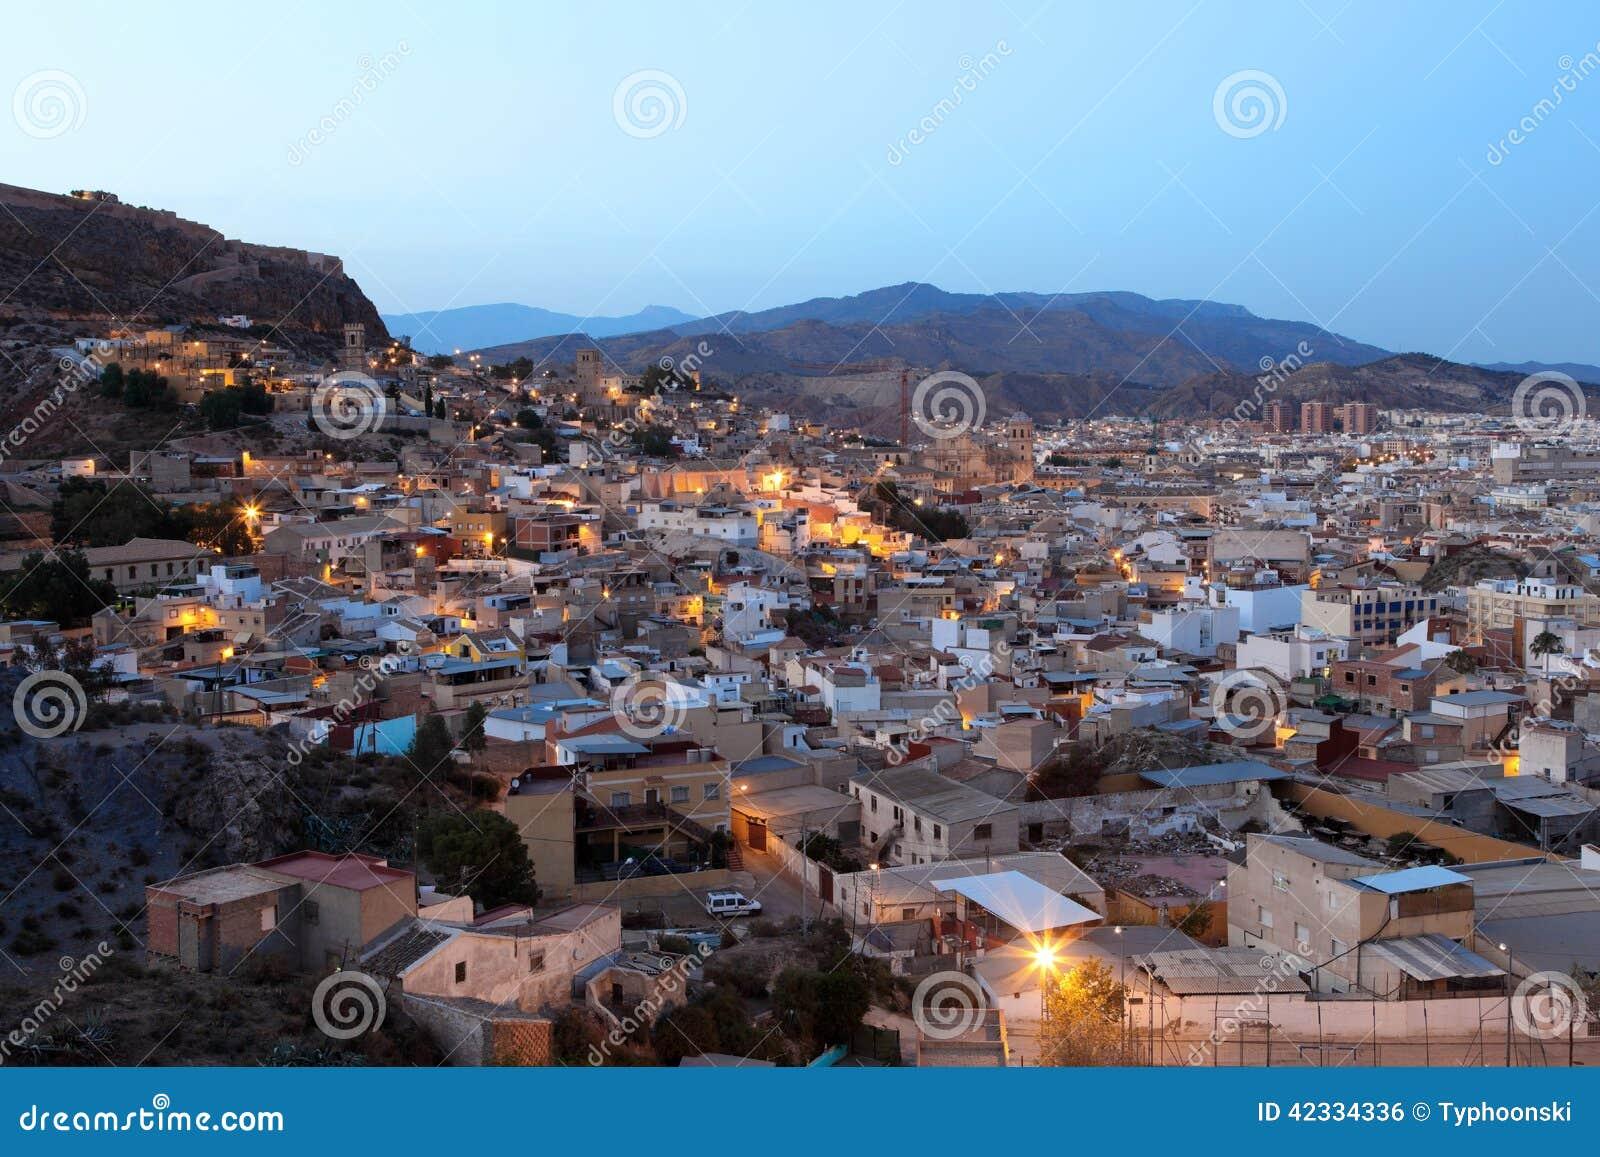 Alte stadt von lorca provinz von murcia spanien - Lorca murcia fotos ...